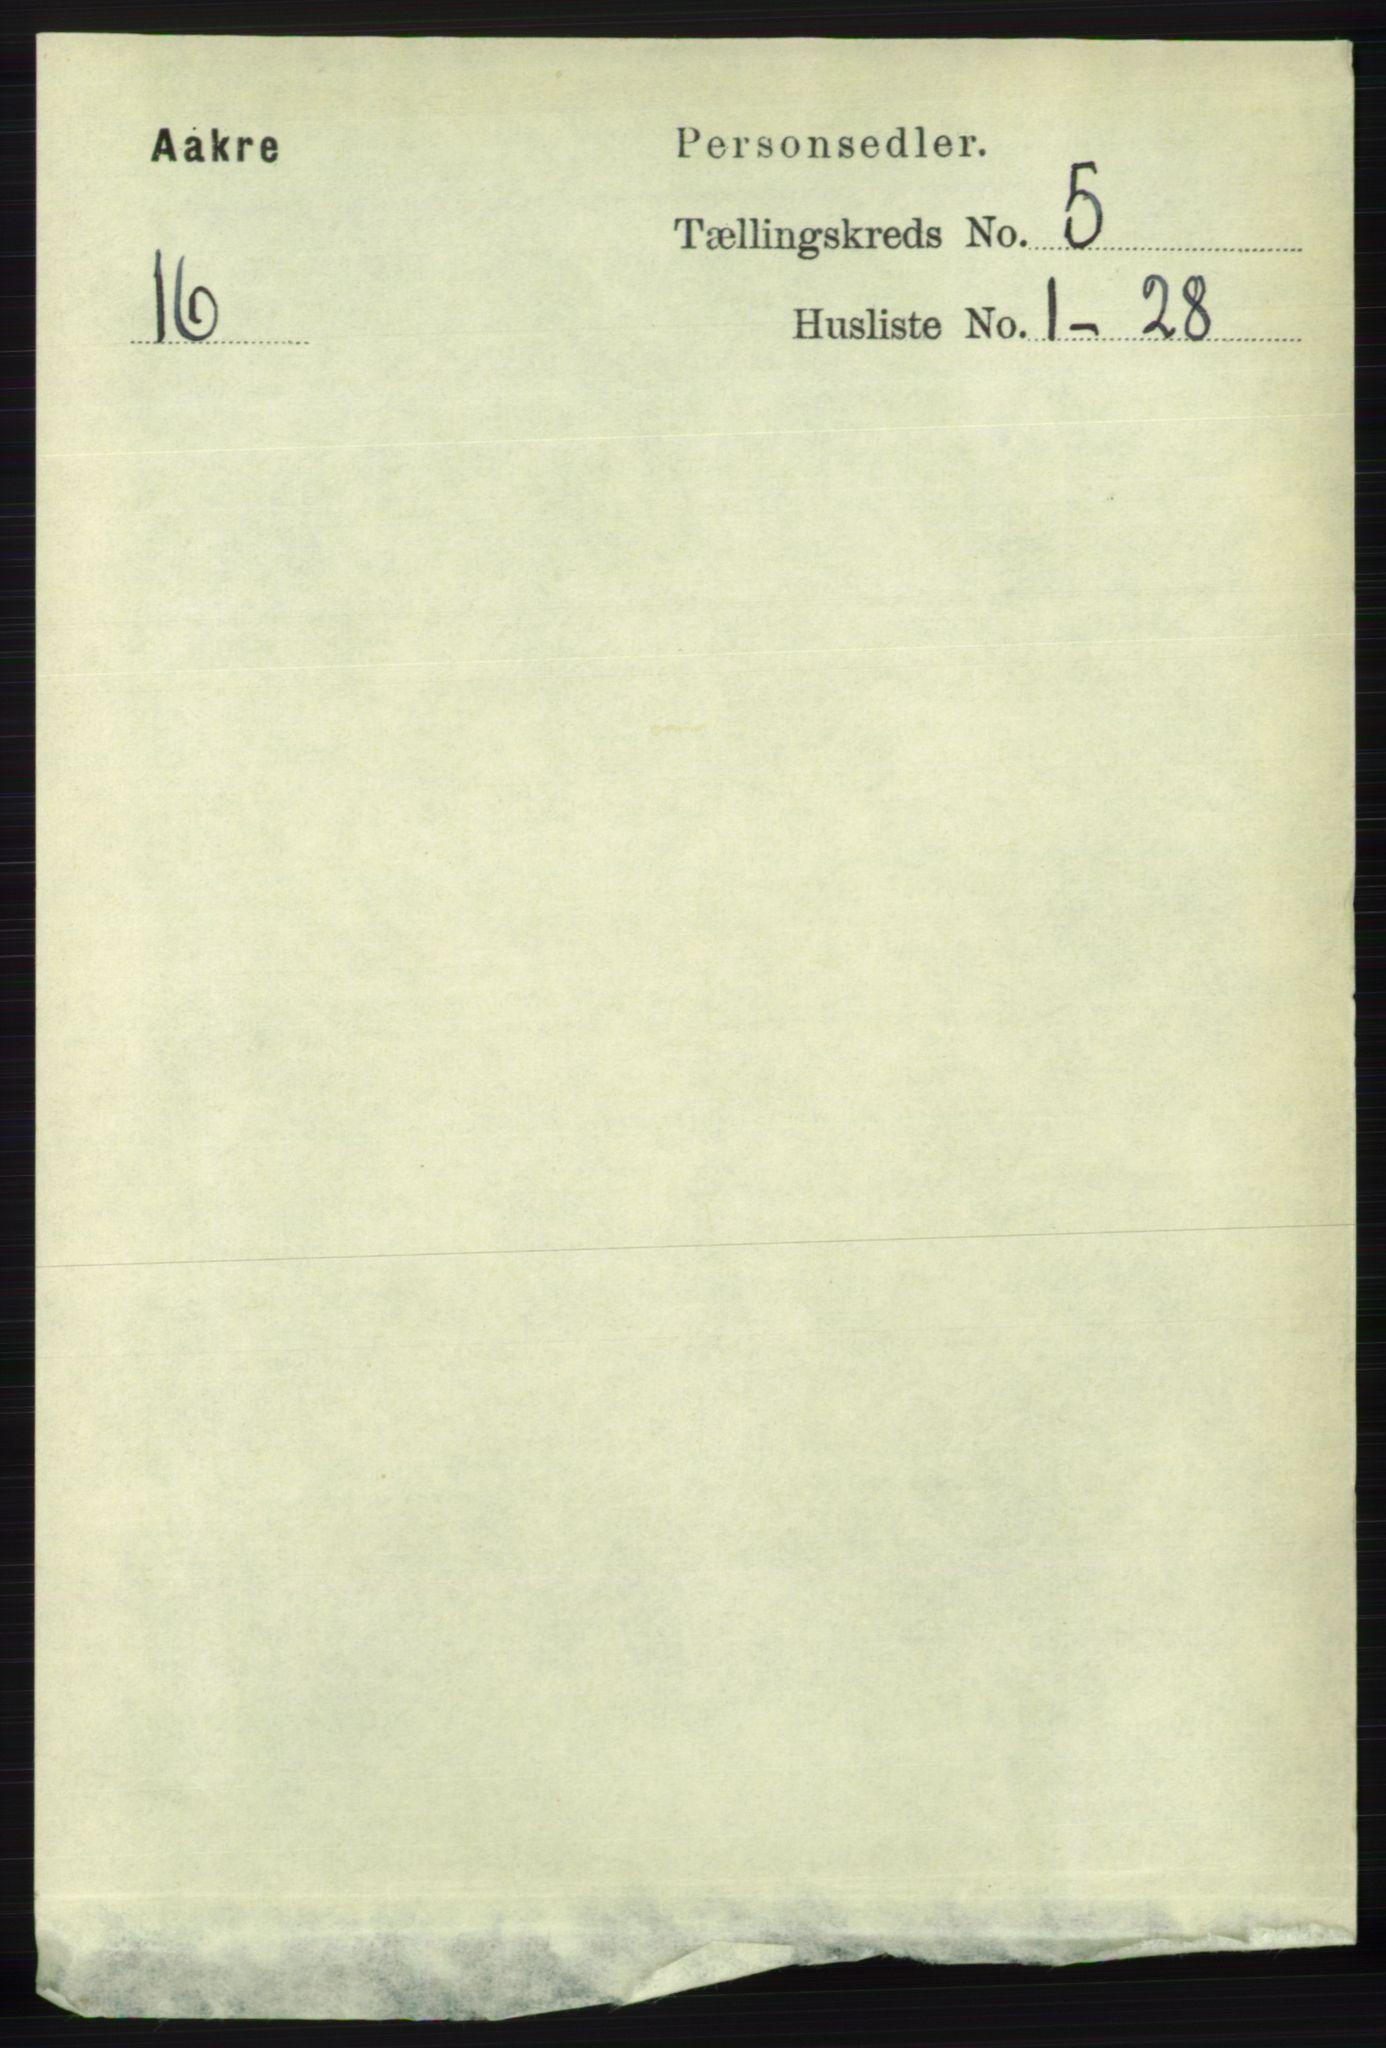 RA, Folketelling 1891 for 1150 Skudenes herred, 1891, s. 5230